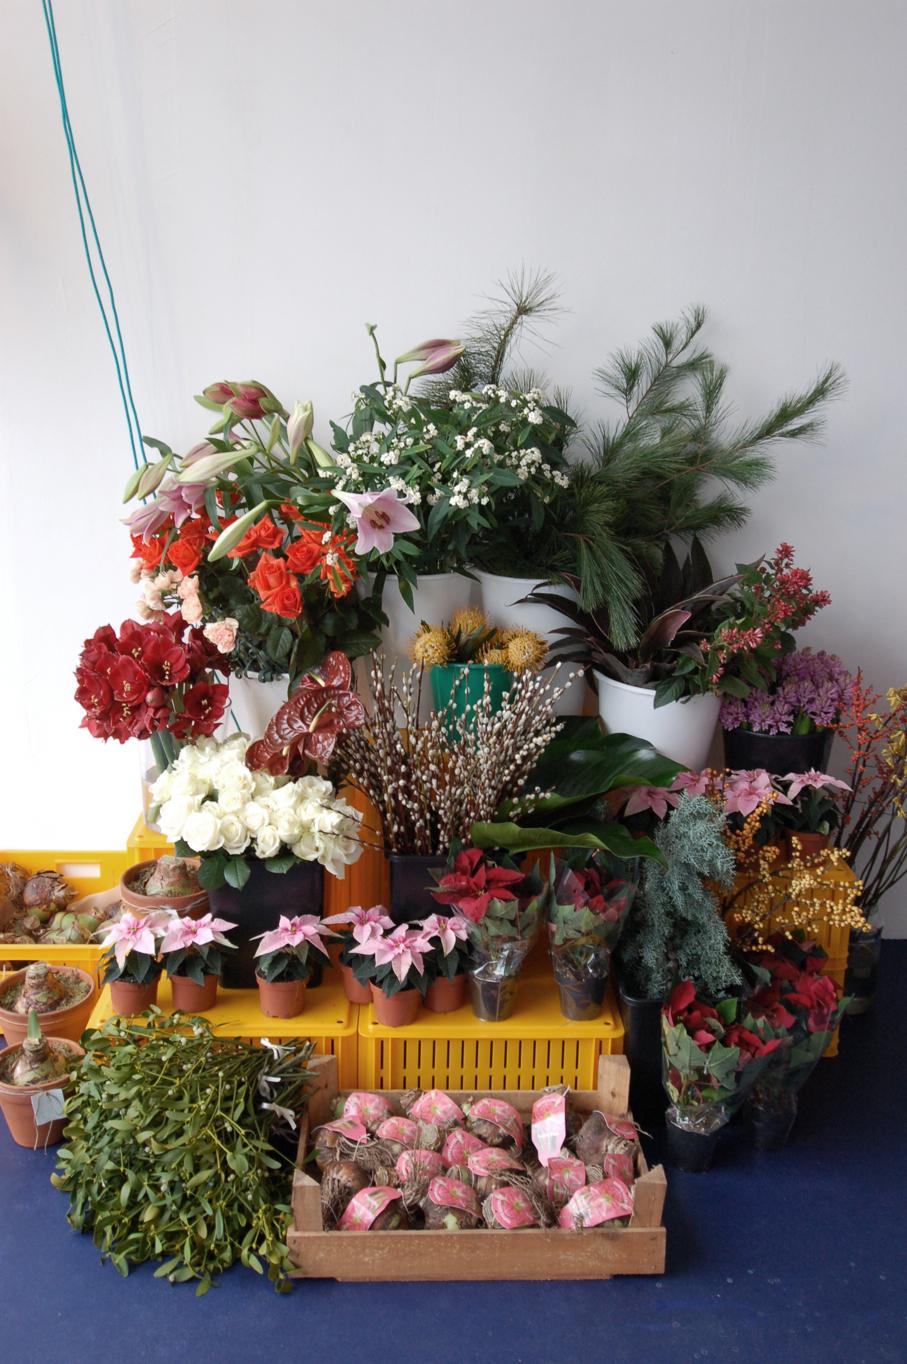 niche_bloemen_binnenweg_rotterdam